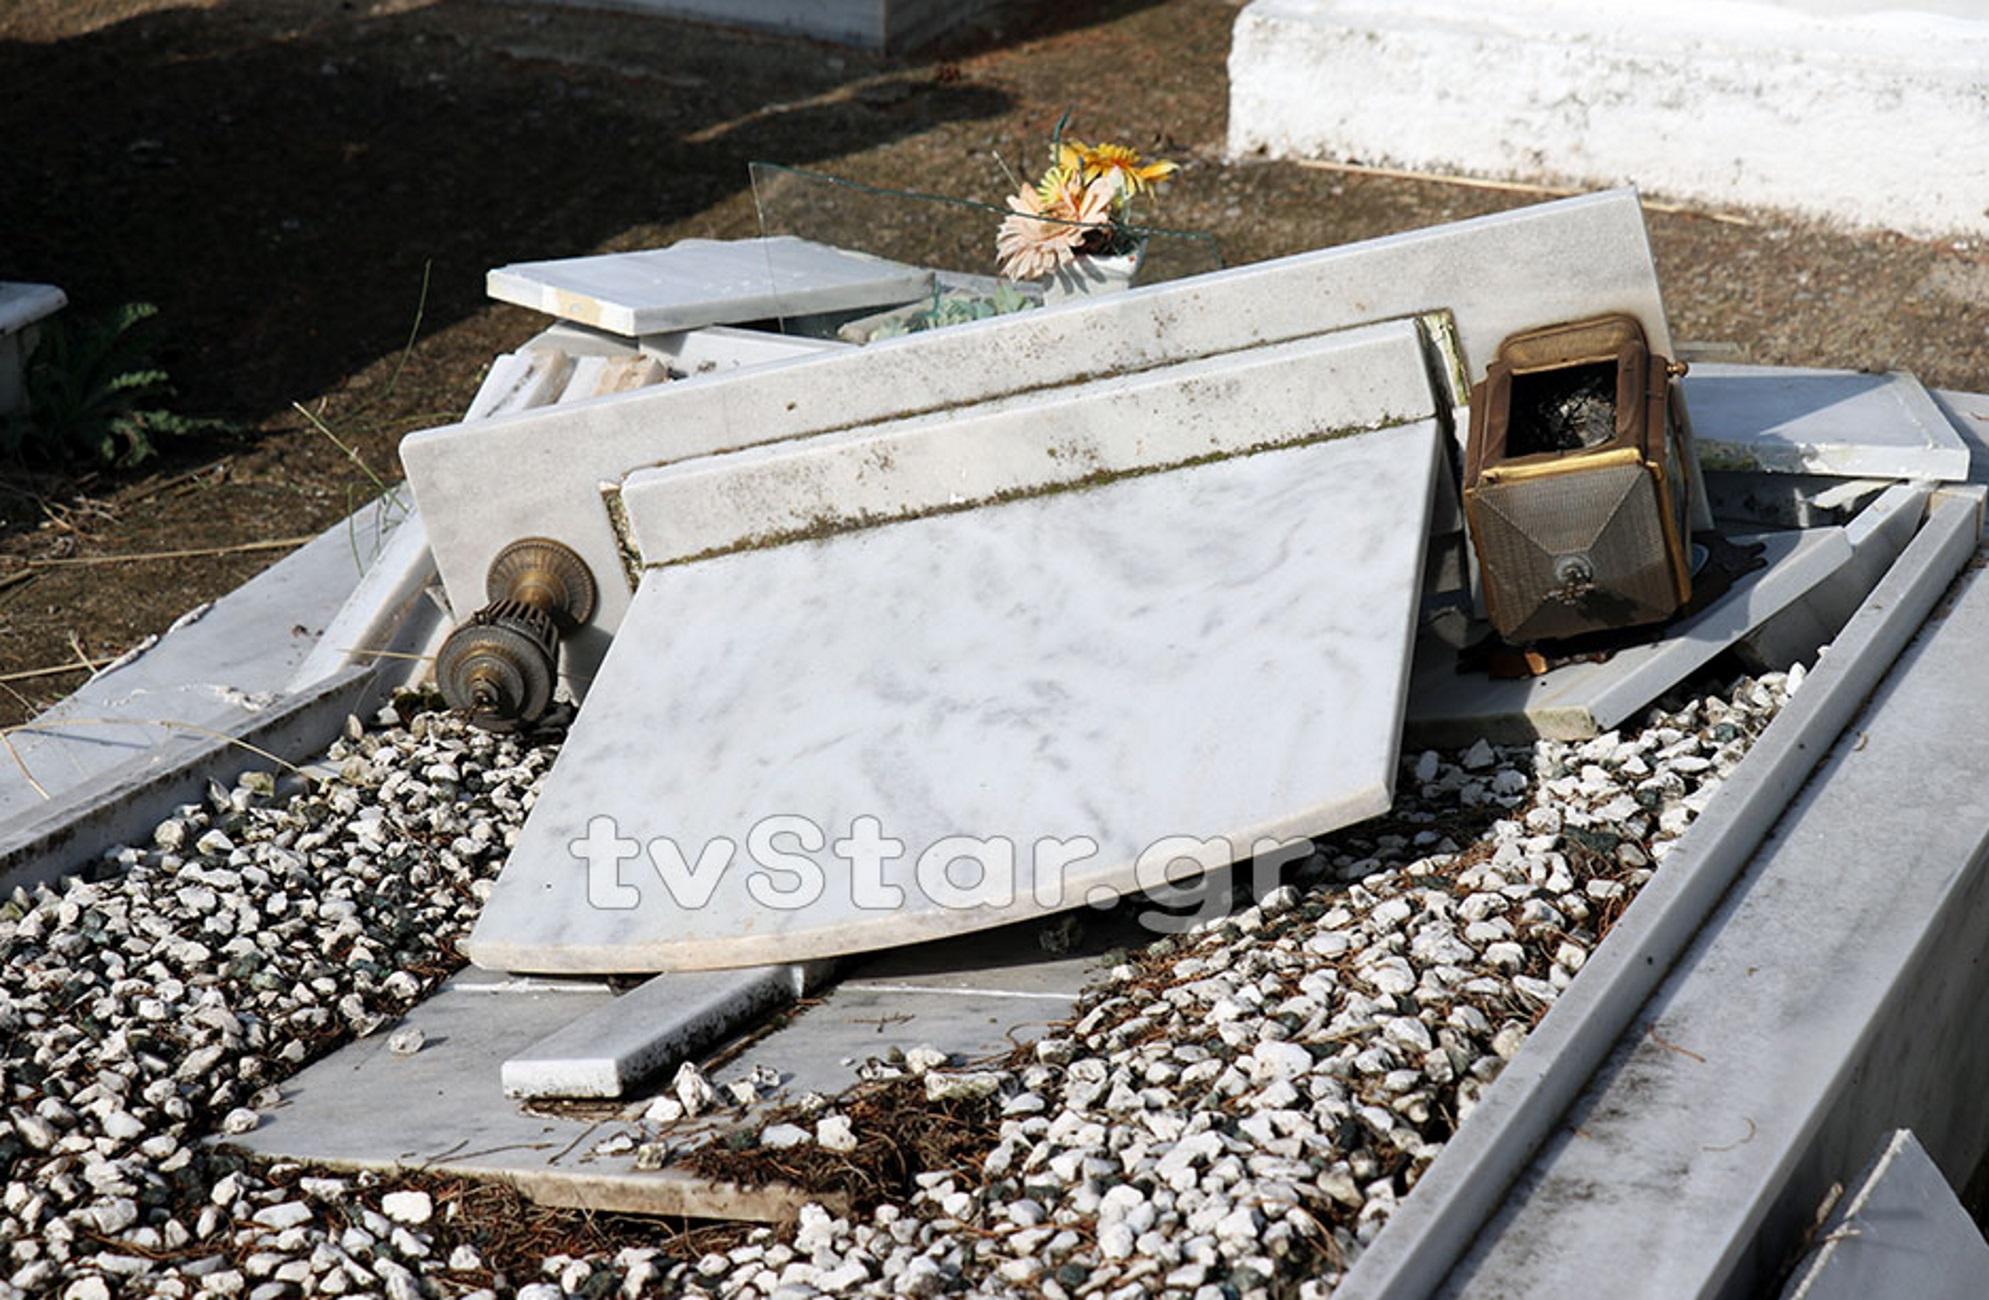 Φθιώτιδα: Βάνδαλοι χωρίς ιερό και όσιο – Οργή για τις εικόνες καταστροφής σε δύο νεκροταφεία – video